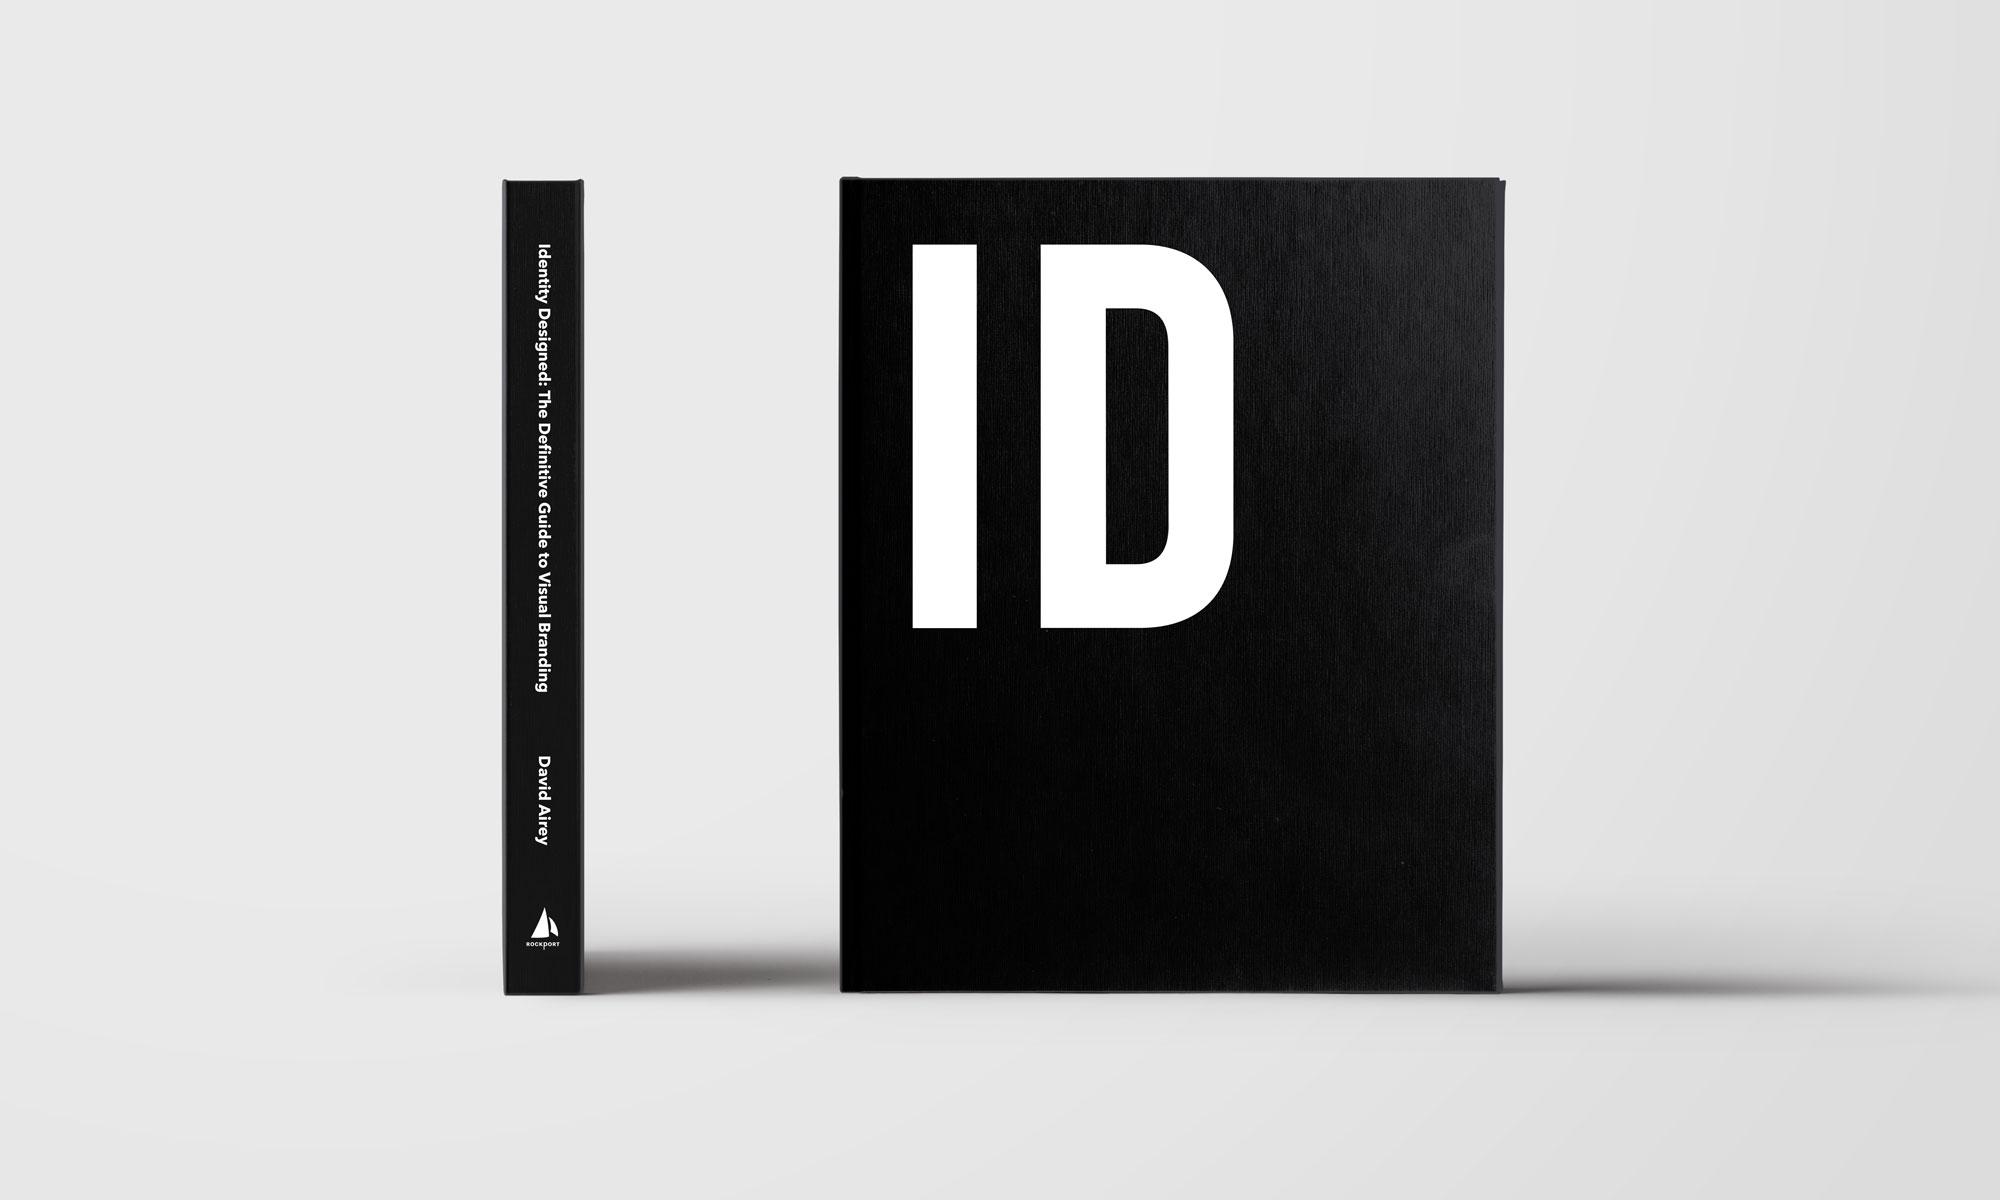 hardcover-mockup-01.jpg